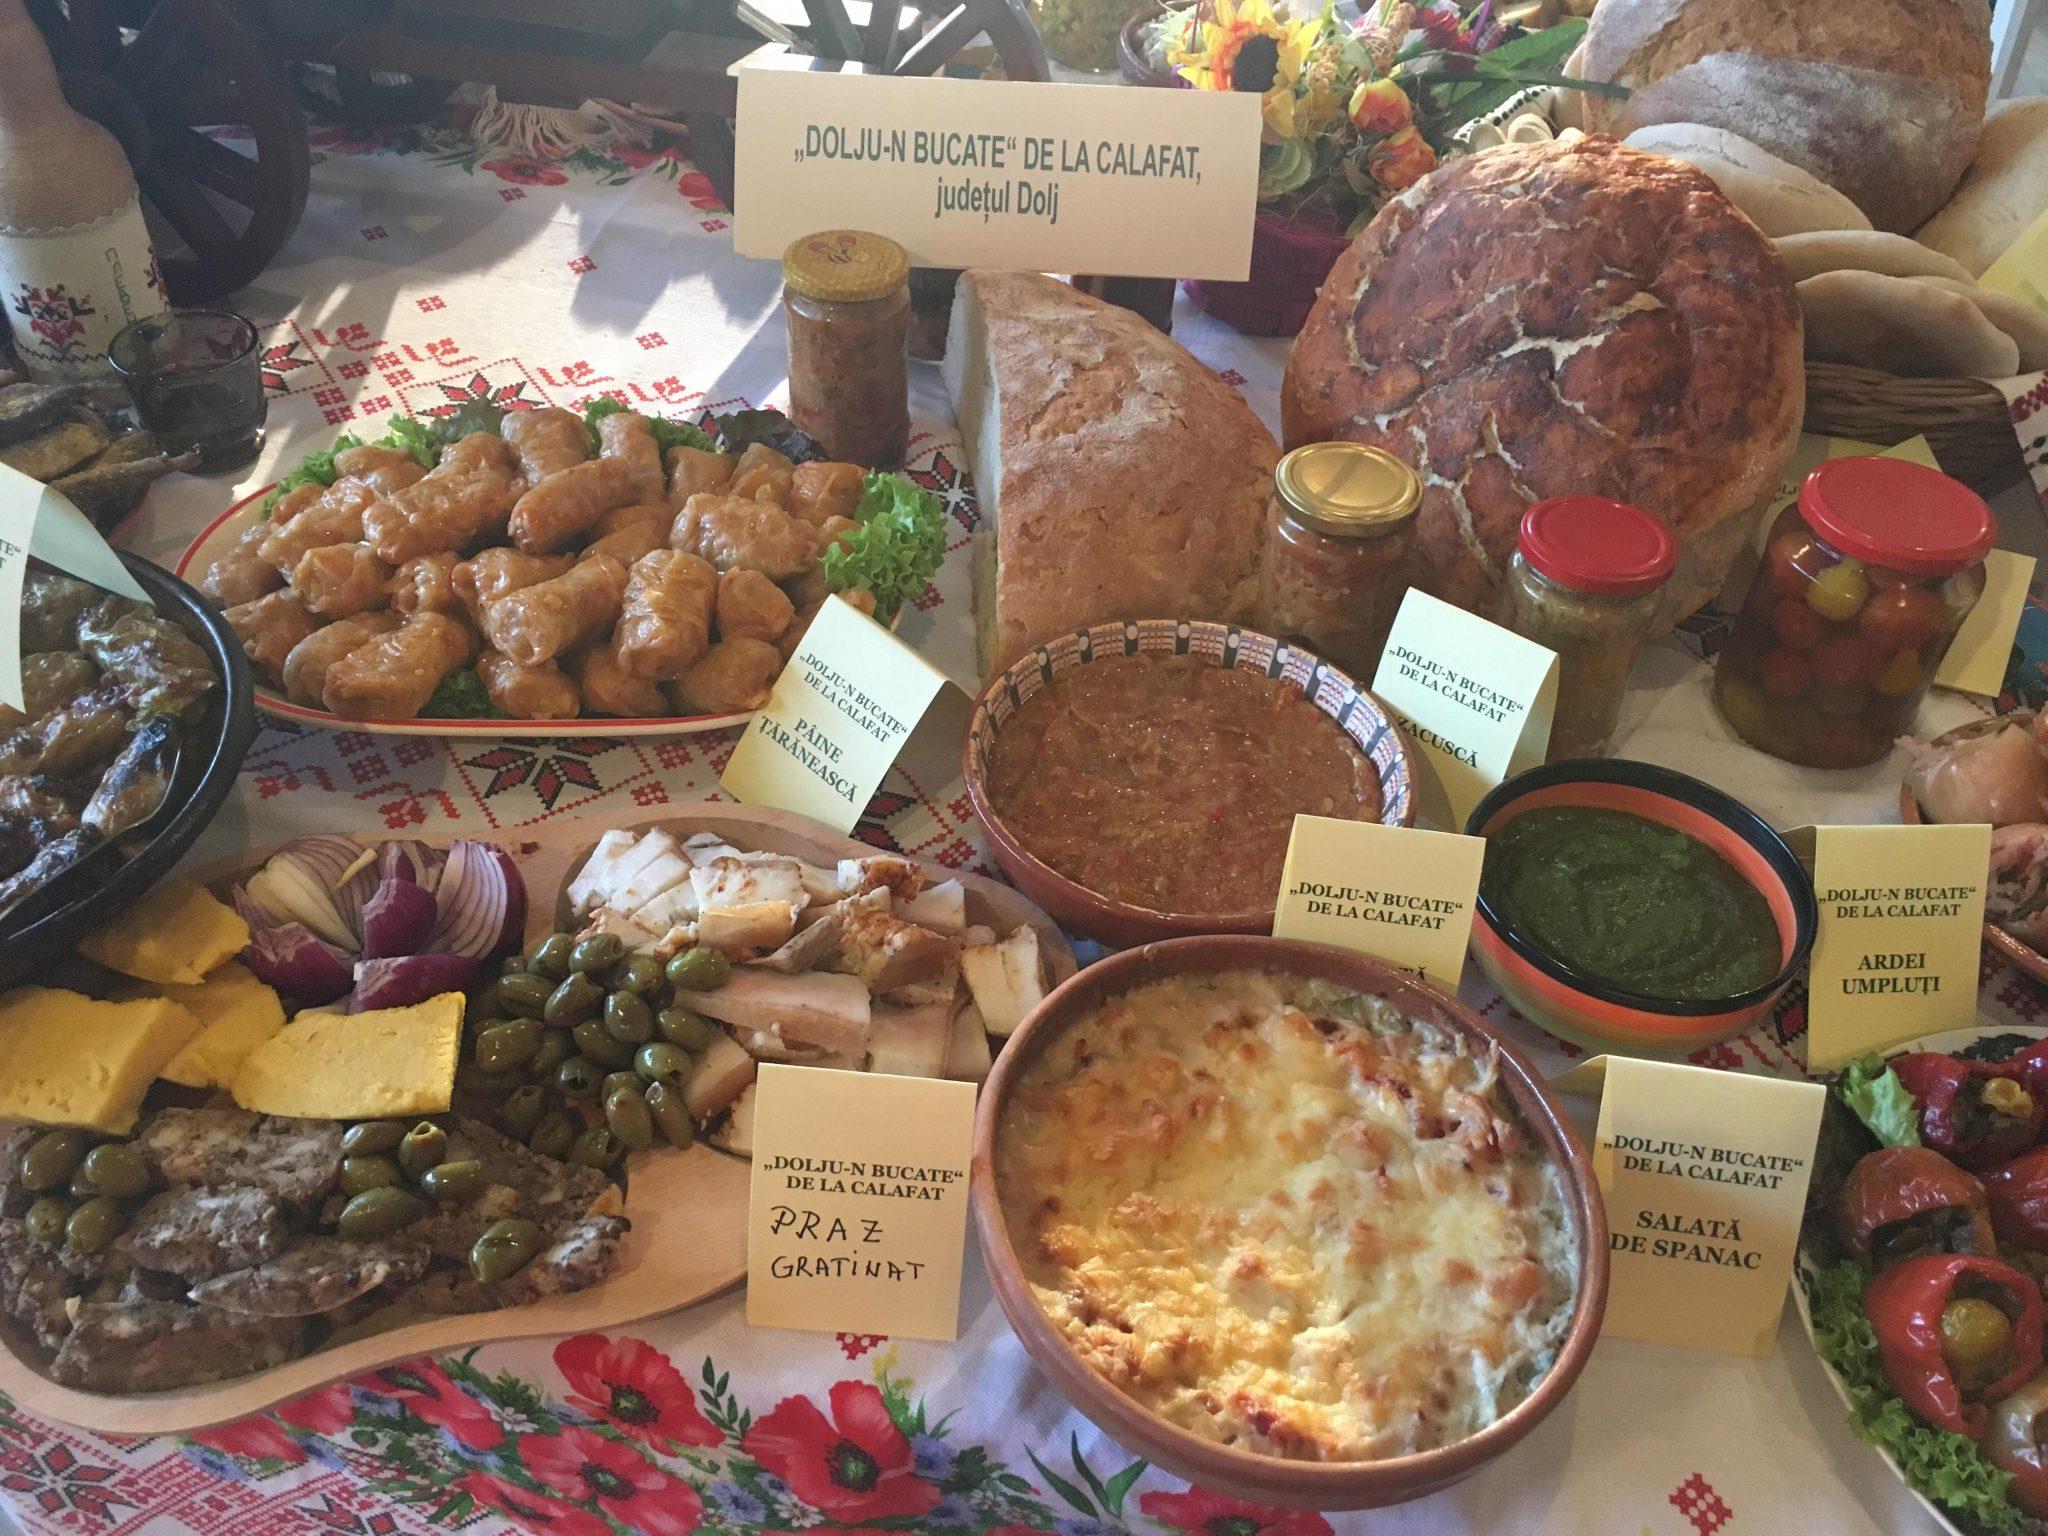 Meșteșuguri populare oltenești și măncăruri alese, de Ziua Olteniei